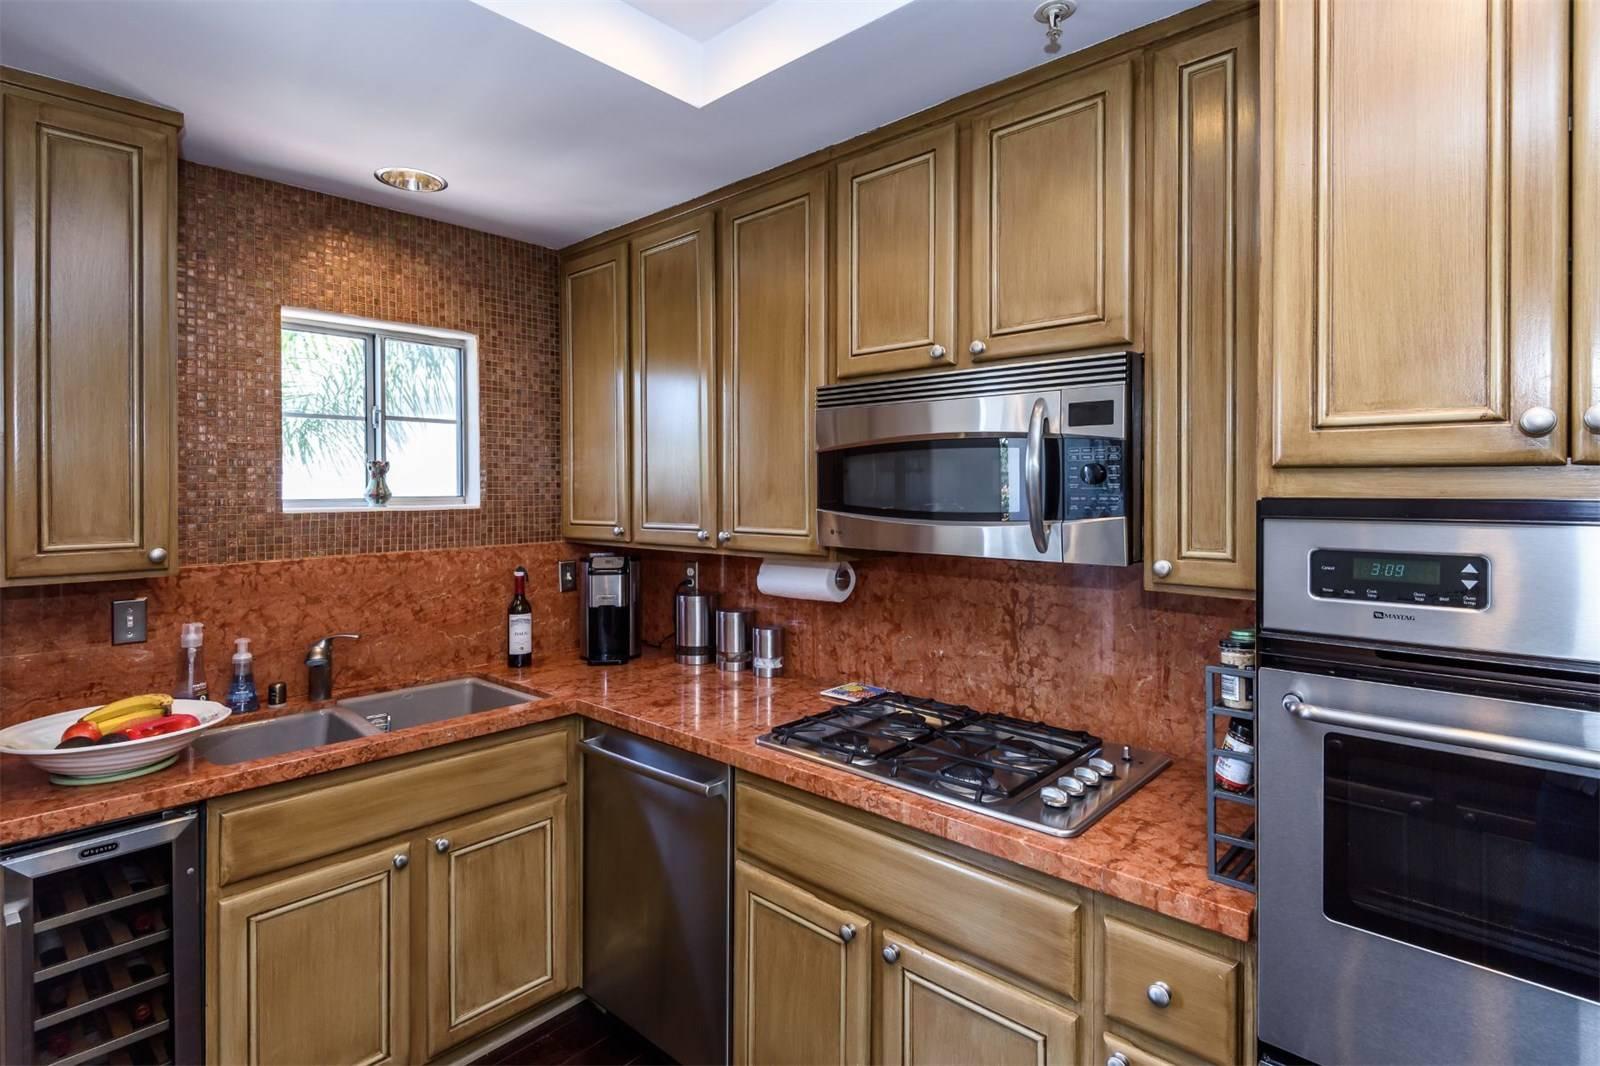 540 1st Street  - kitchen 2.jpeg